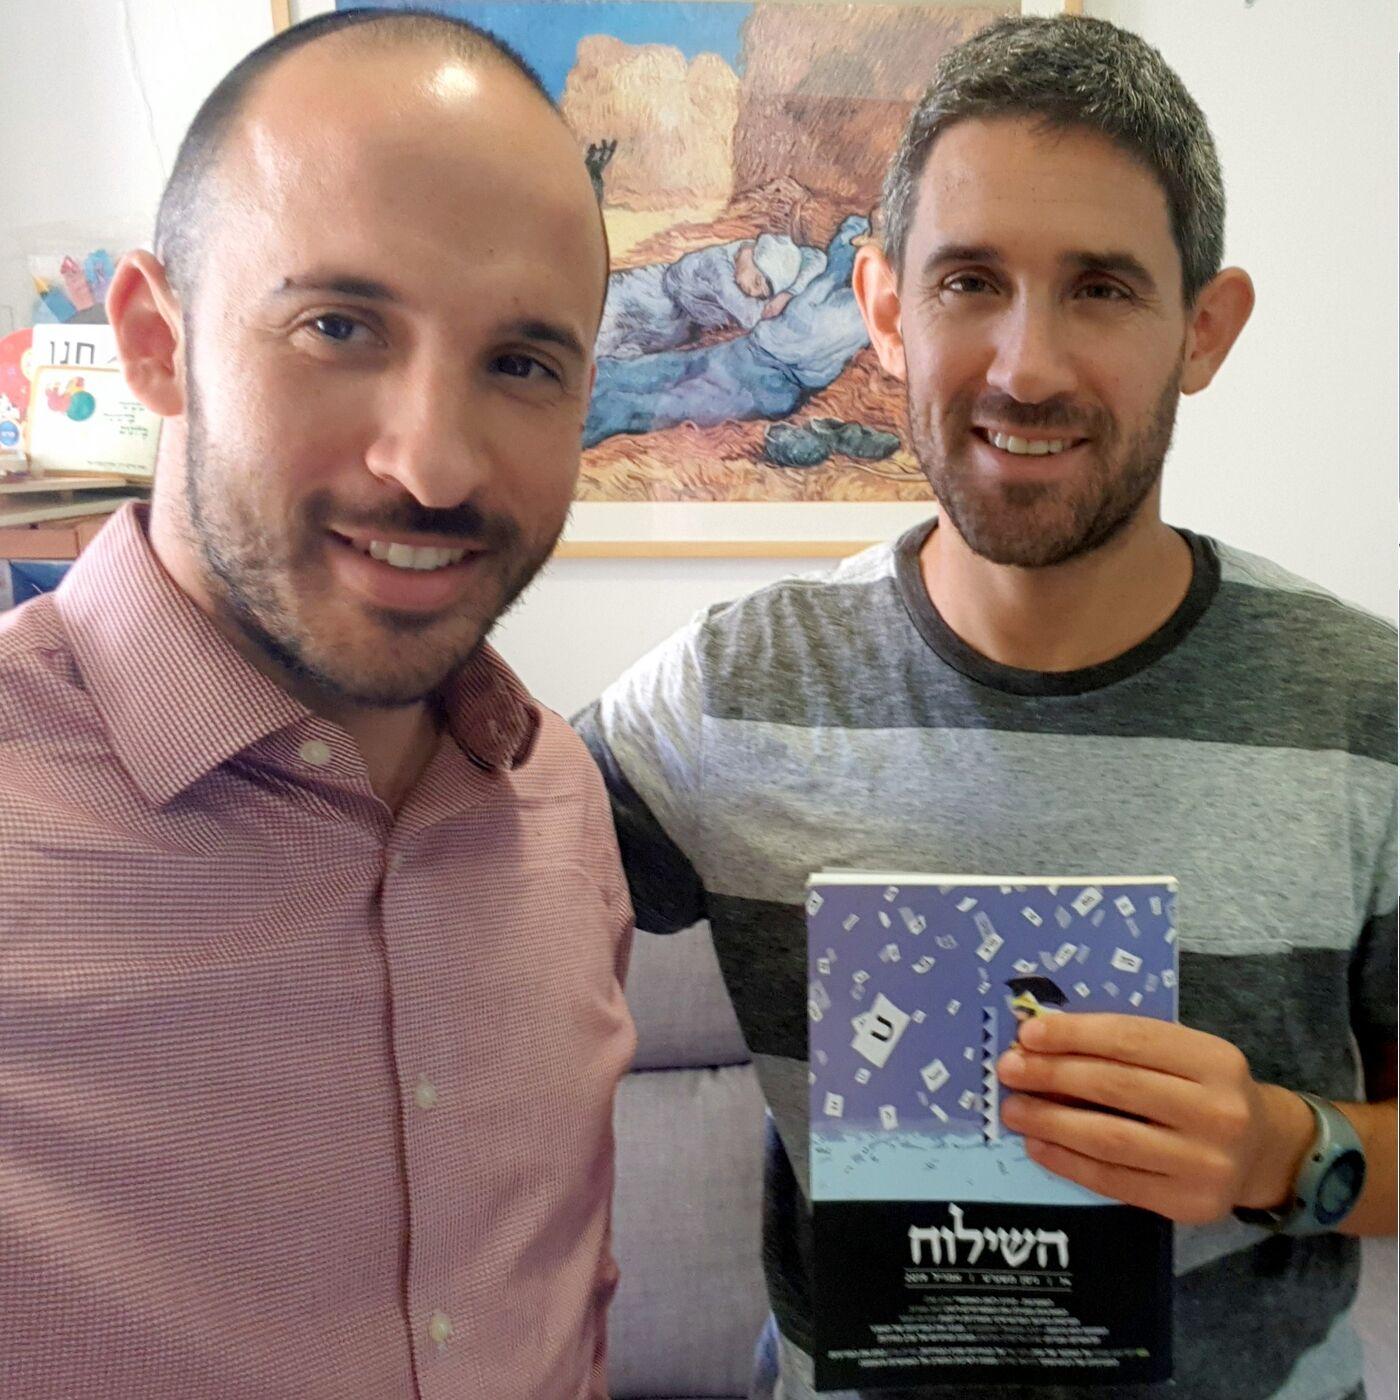 אברום תומר: הילד במרכז והבלבול מסביב: החינוך הדמוקרטי ושברו